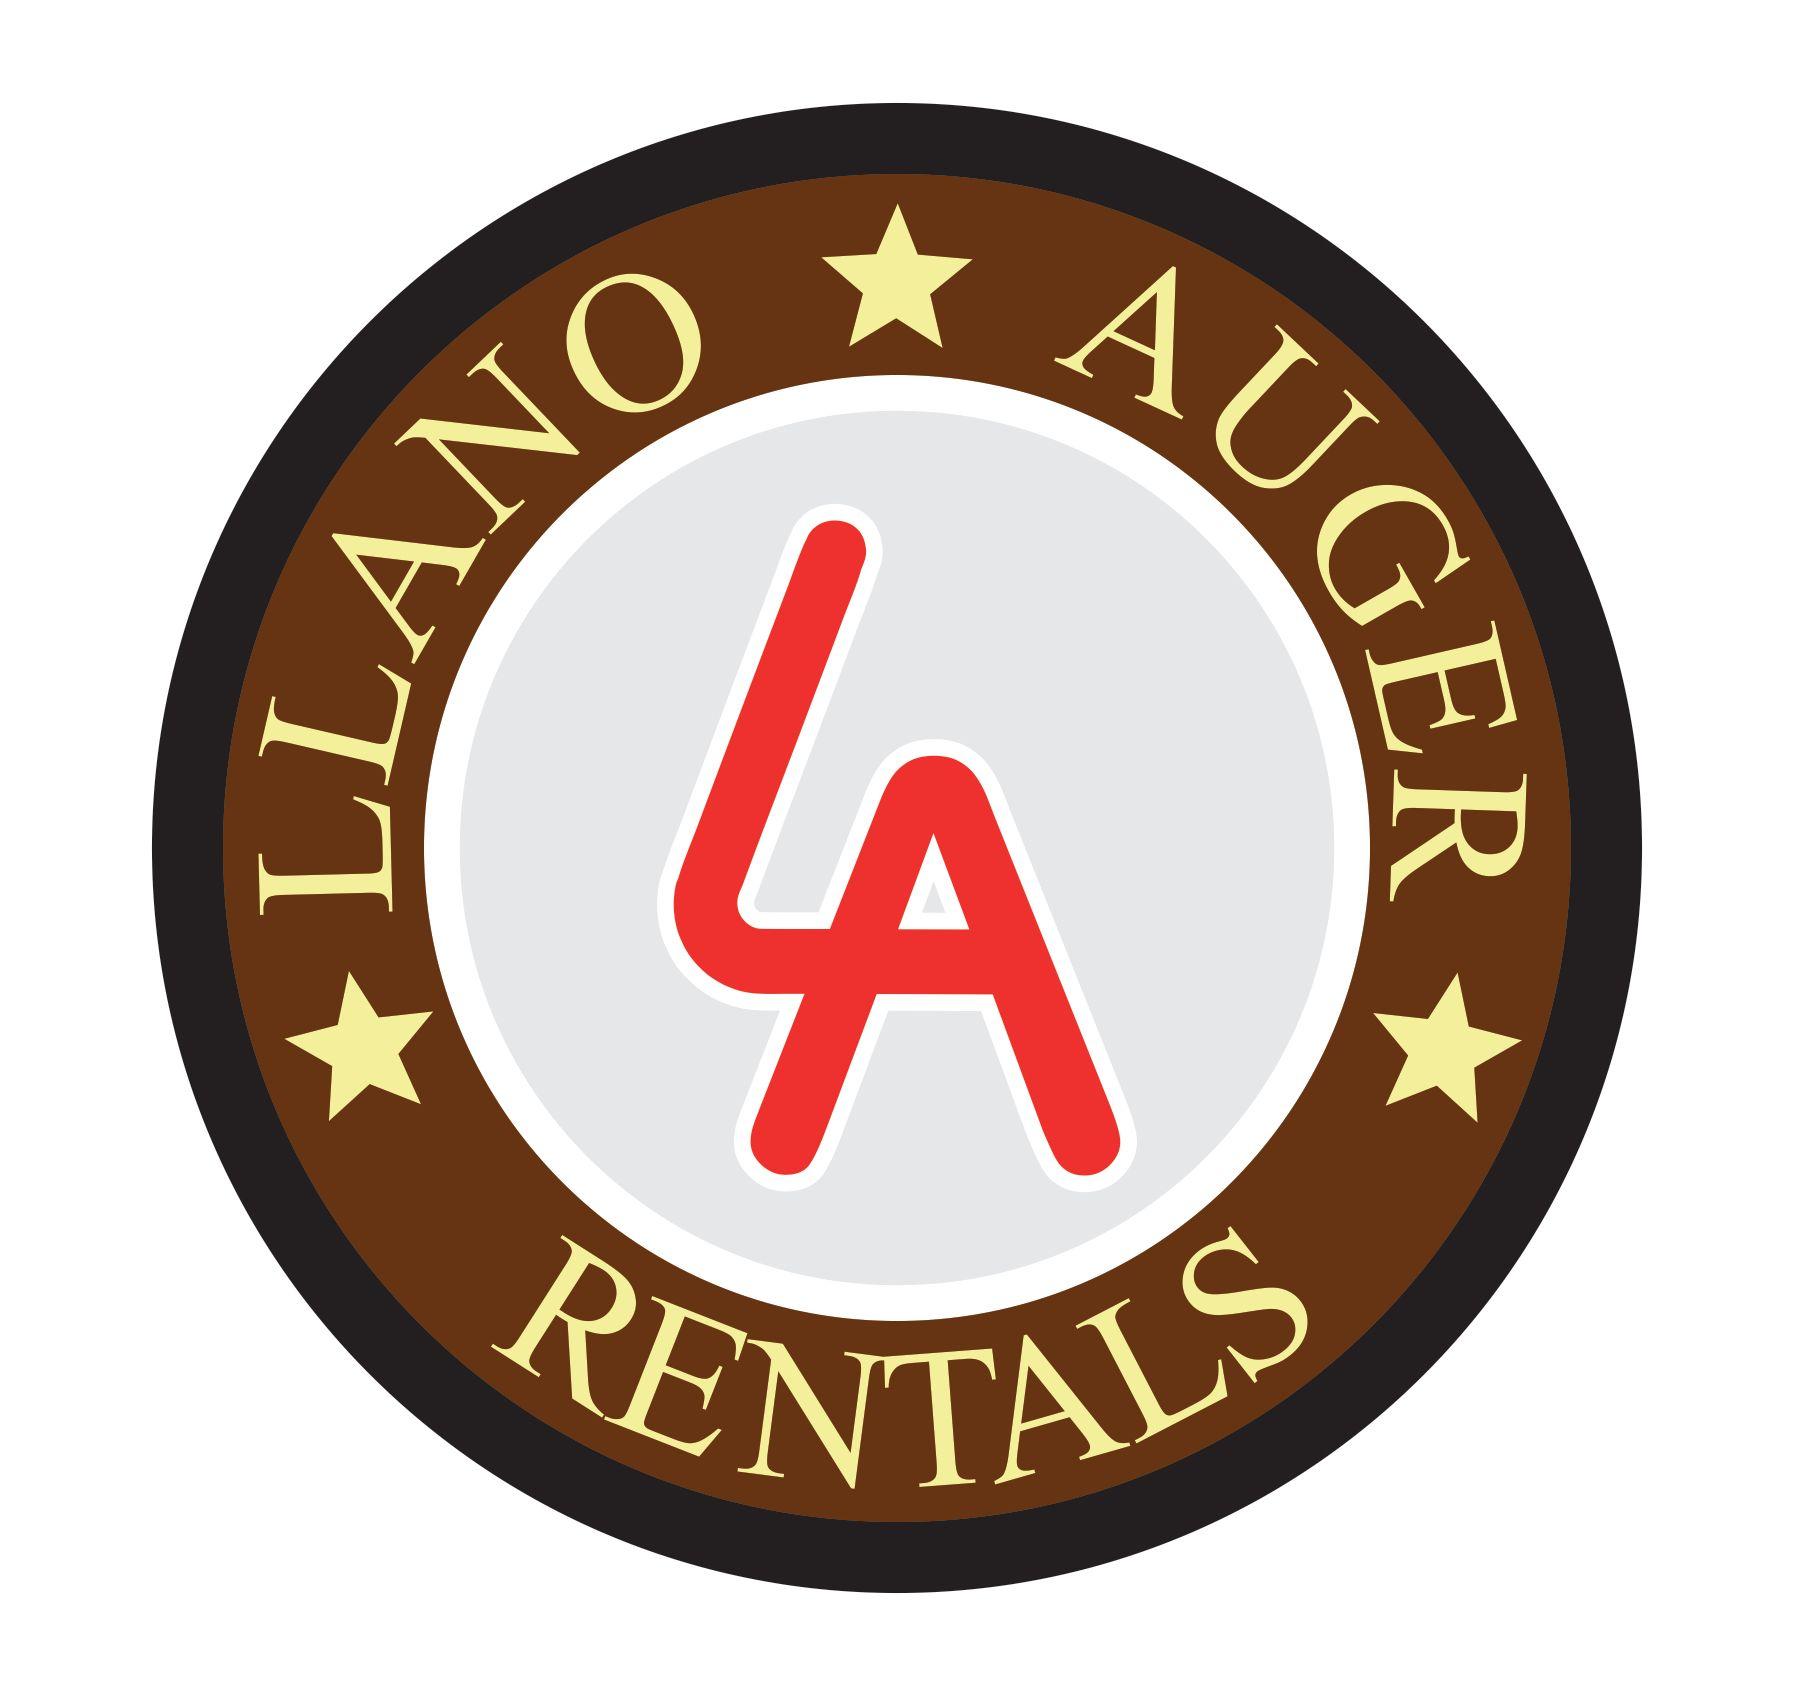 Llano Auger Rentals